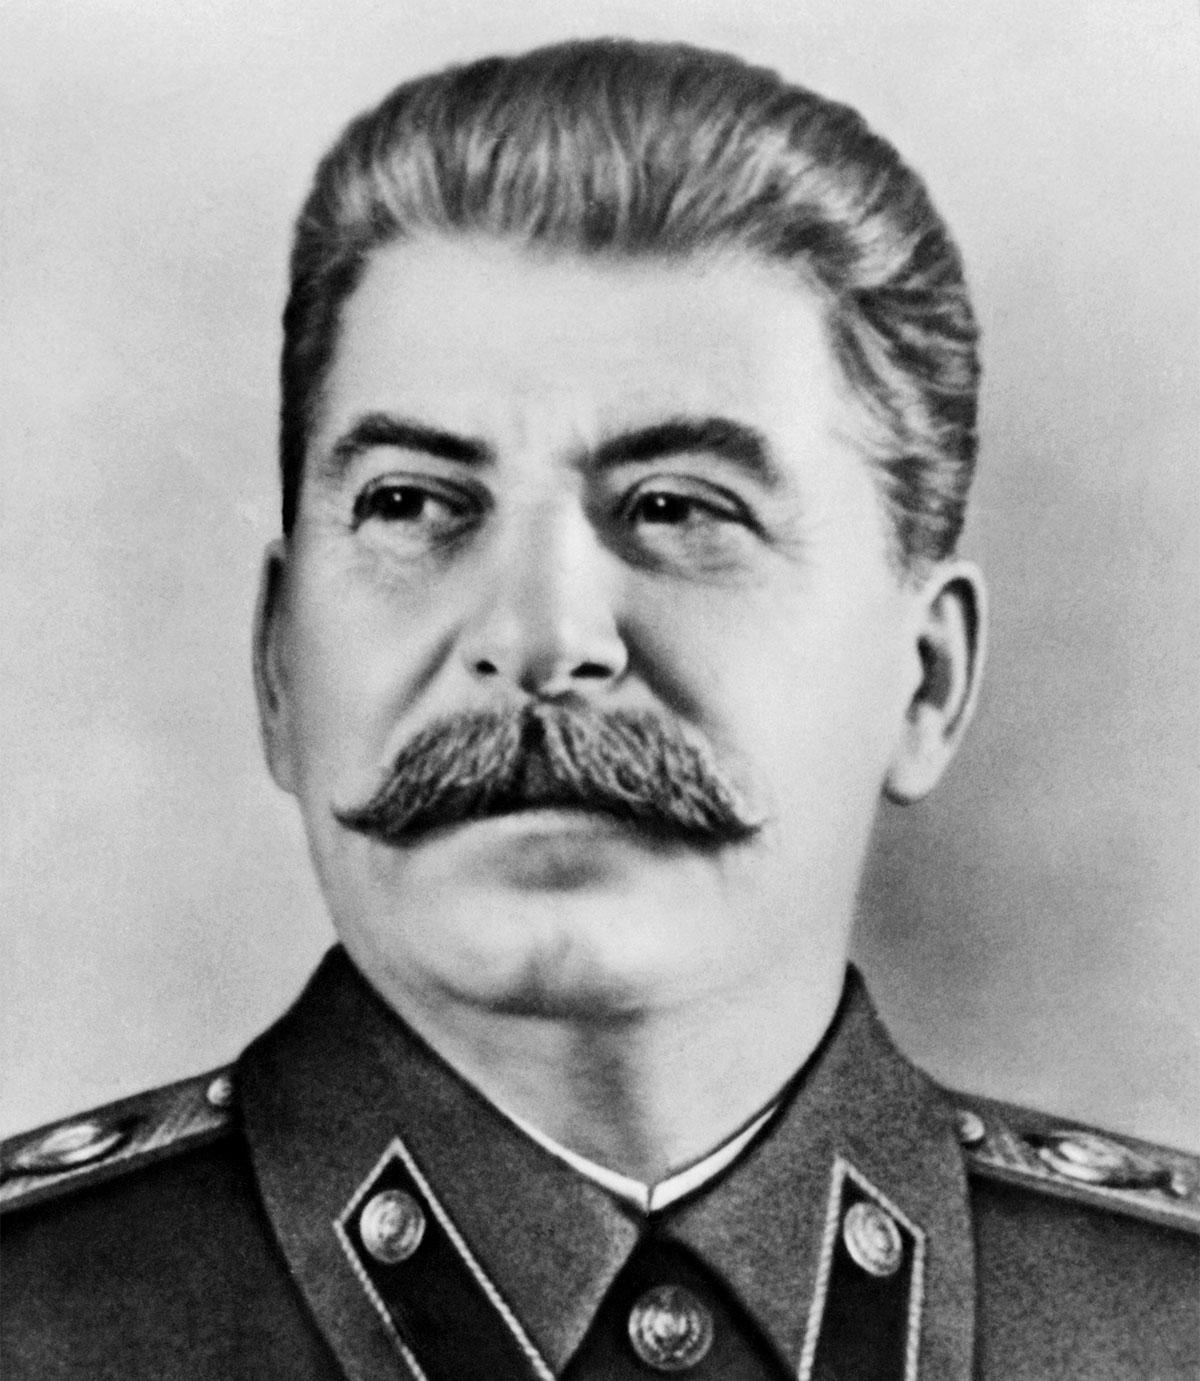 Rusya'da Stalin'in değeri daha fazla anlaşılıyor